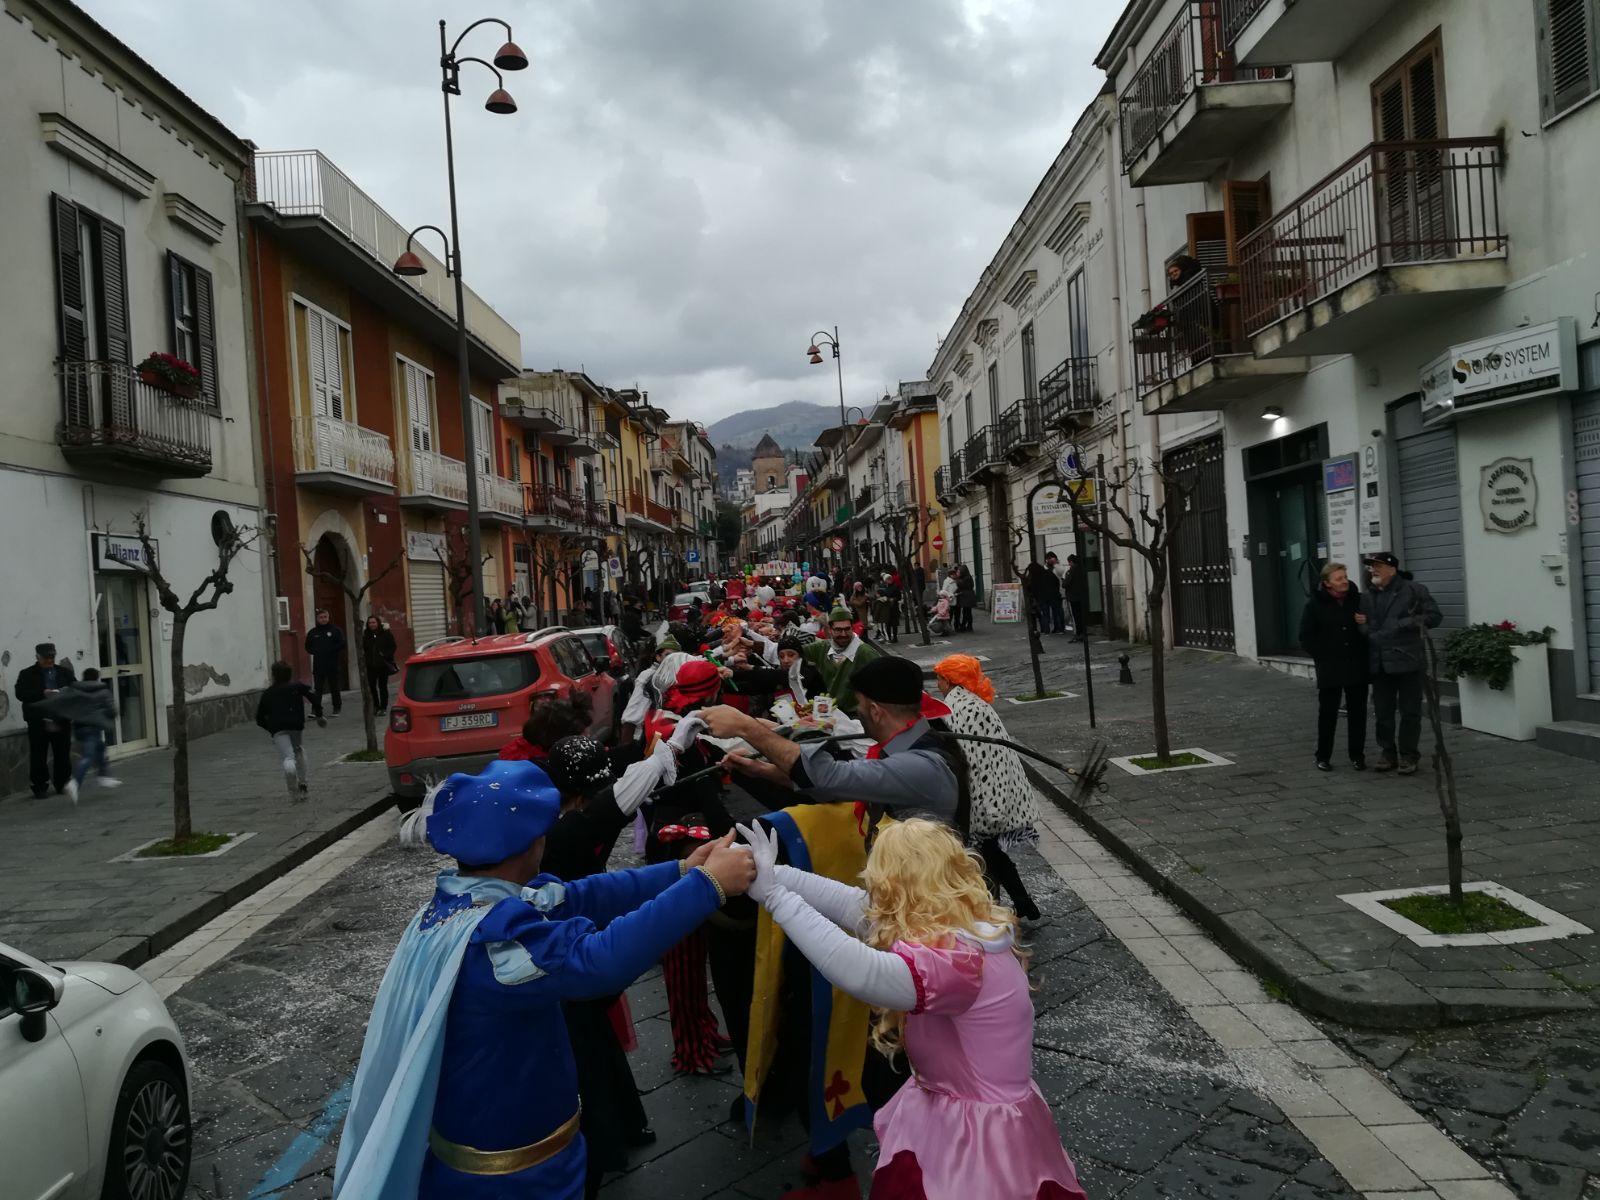 foto 3 carnevale